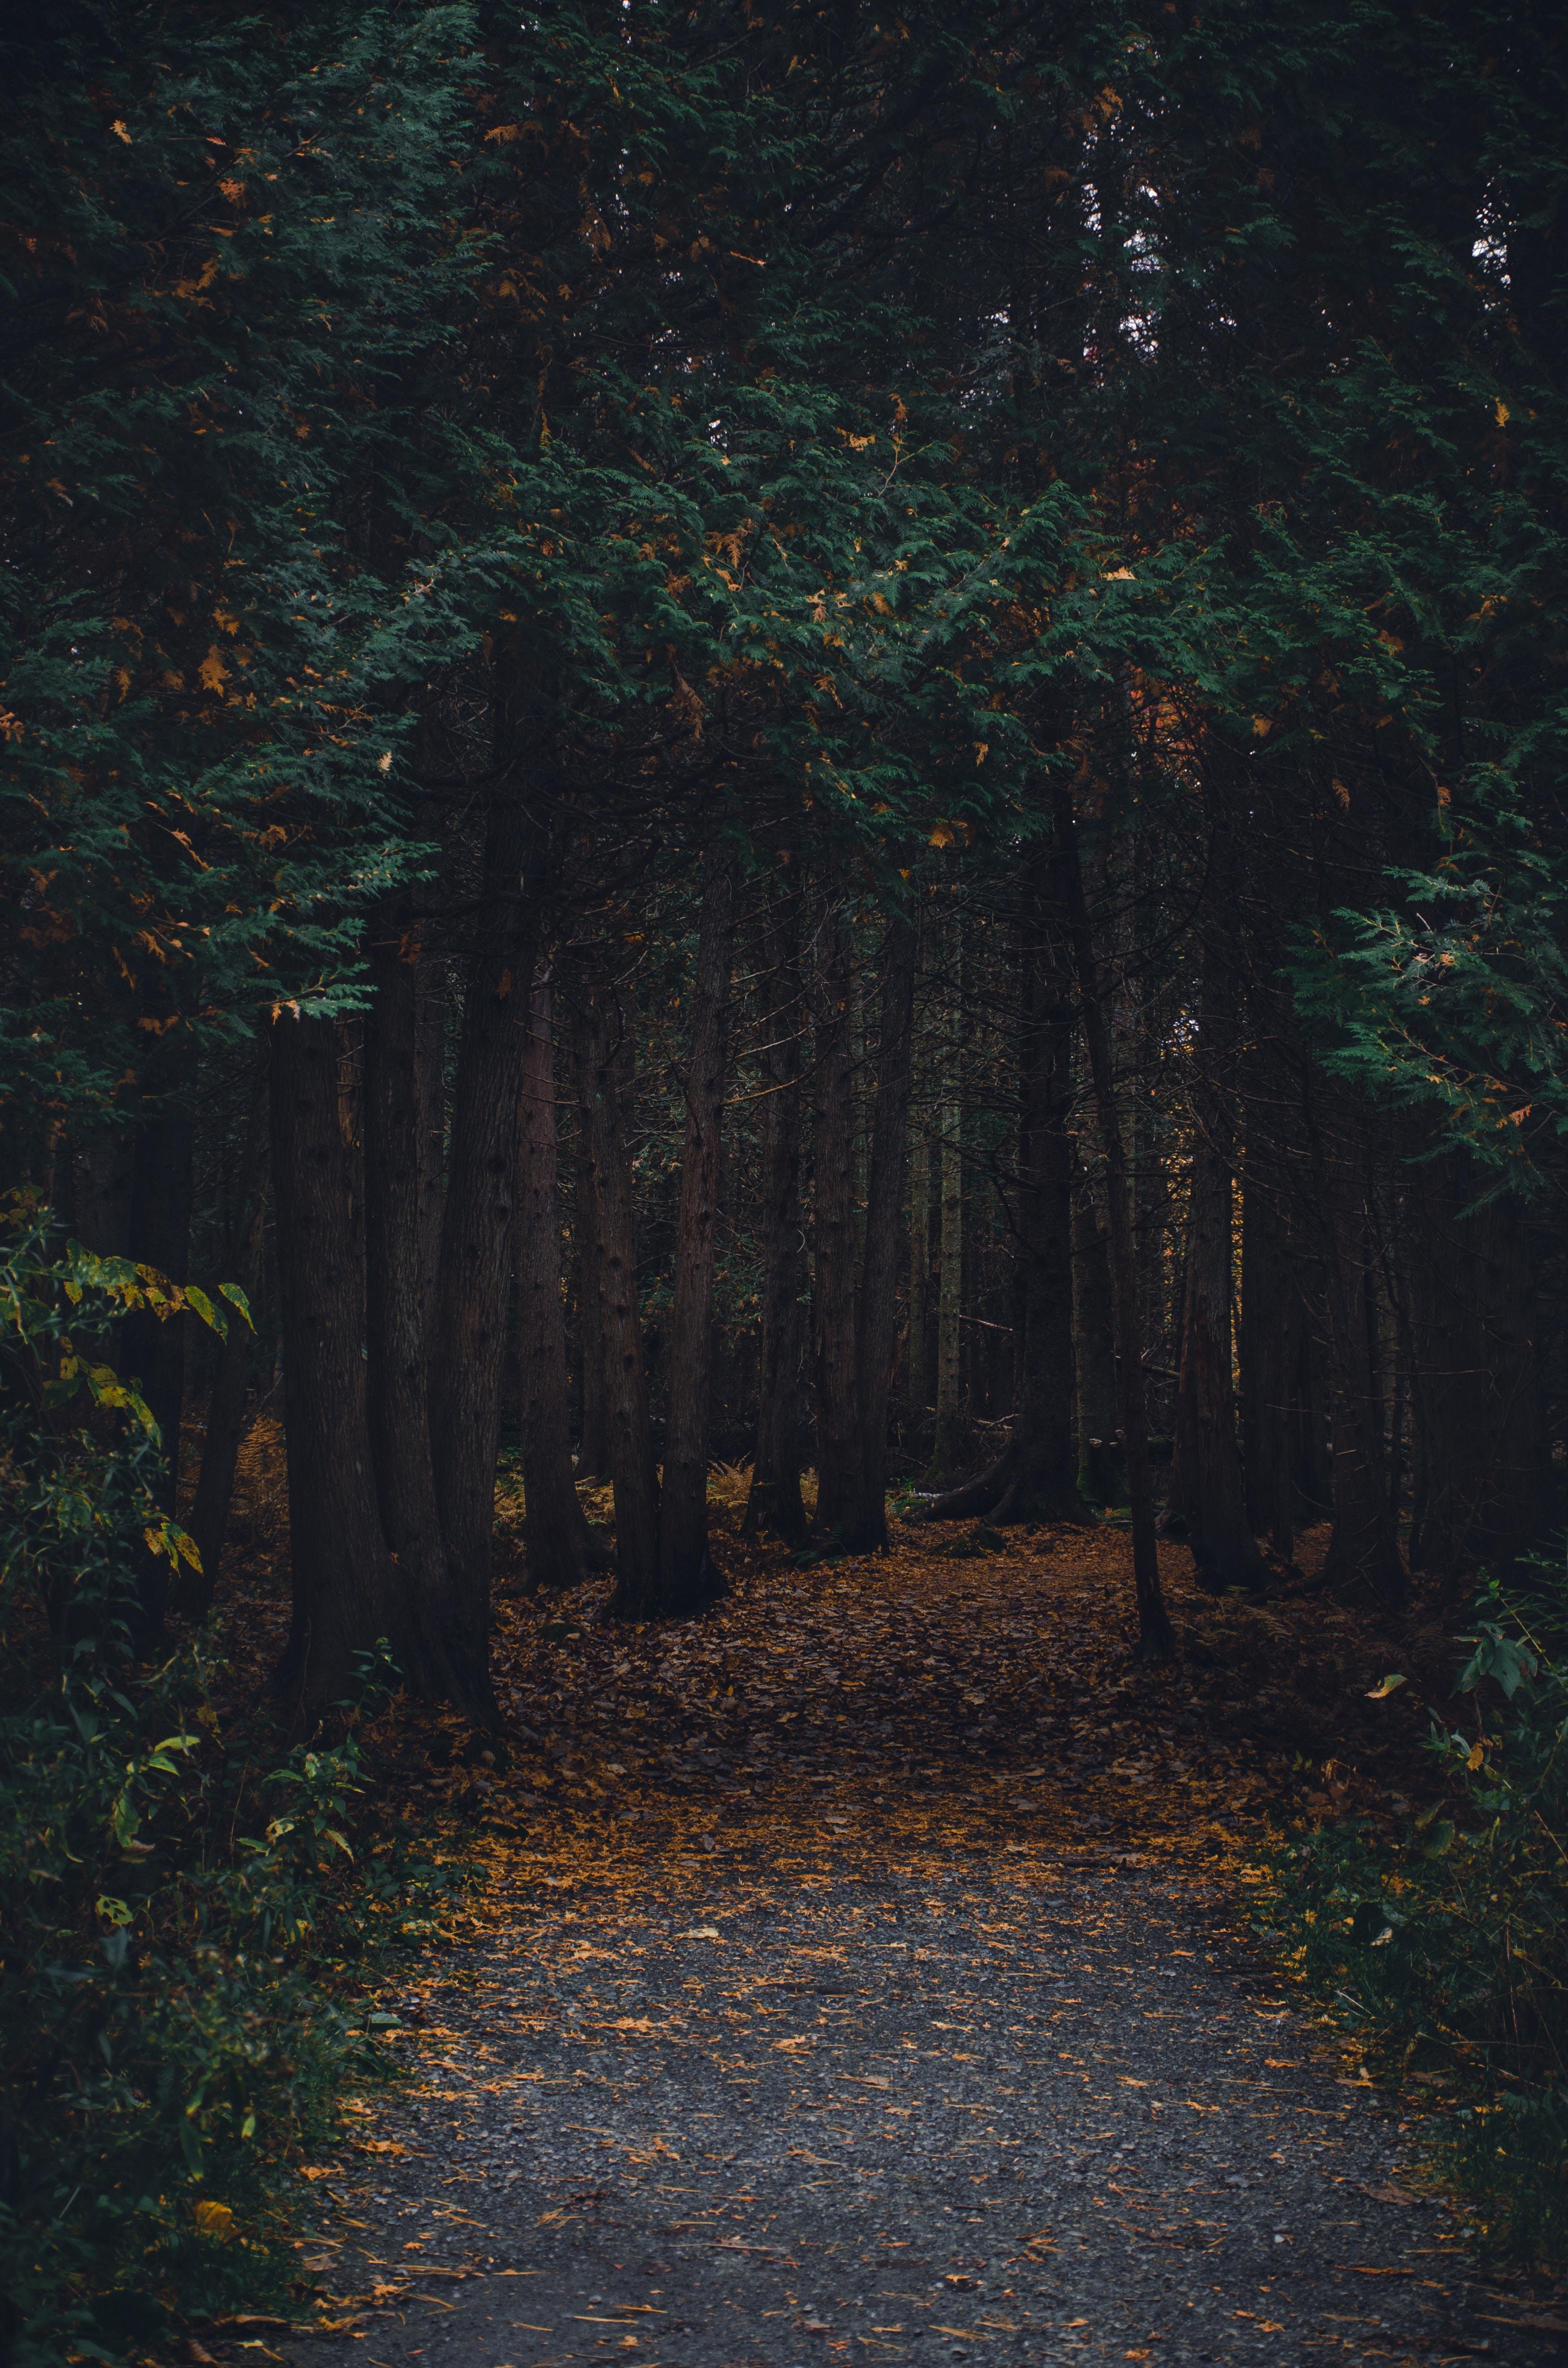 129754 скачать обои Лес, Прогулка, Осень, Природа, Деревья, Тропинка - заставки и картинки бесплатно